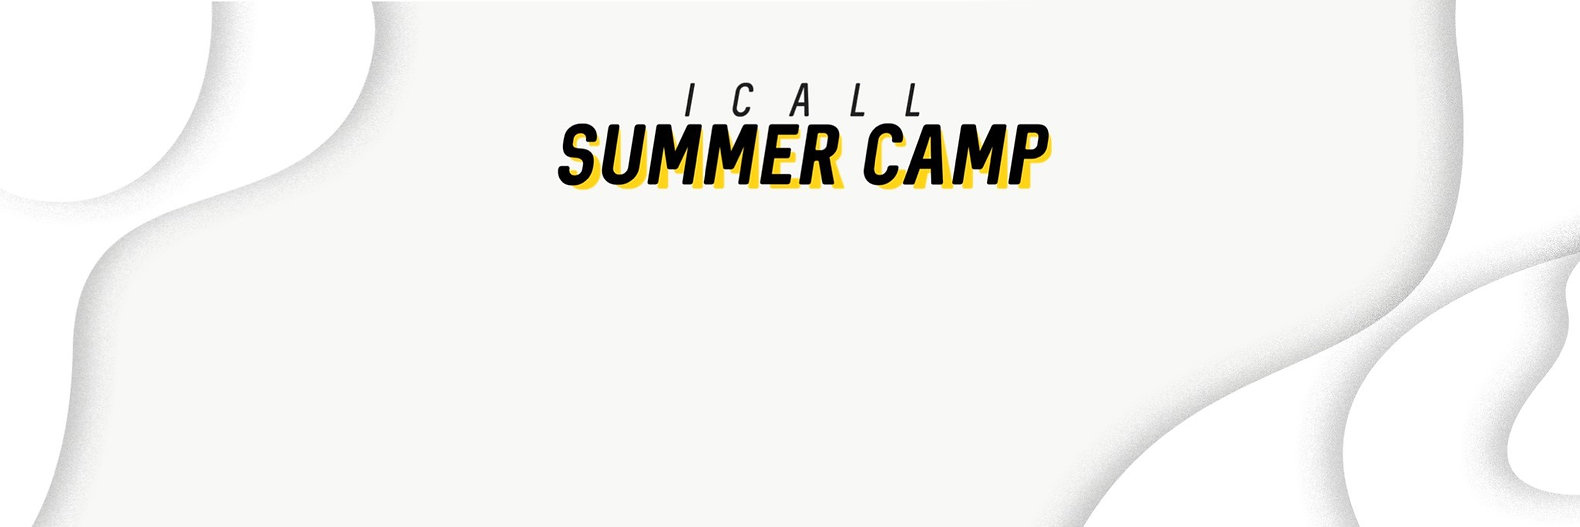 summer camp website with titel .jpg